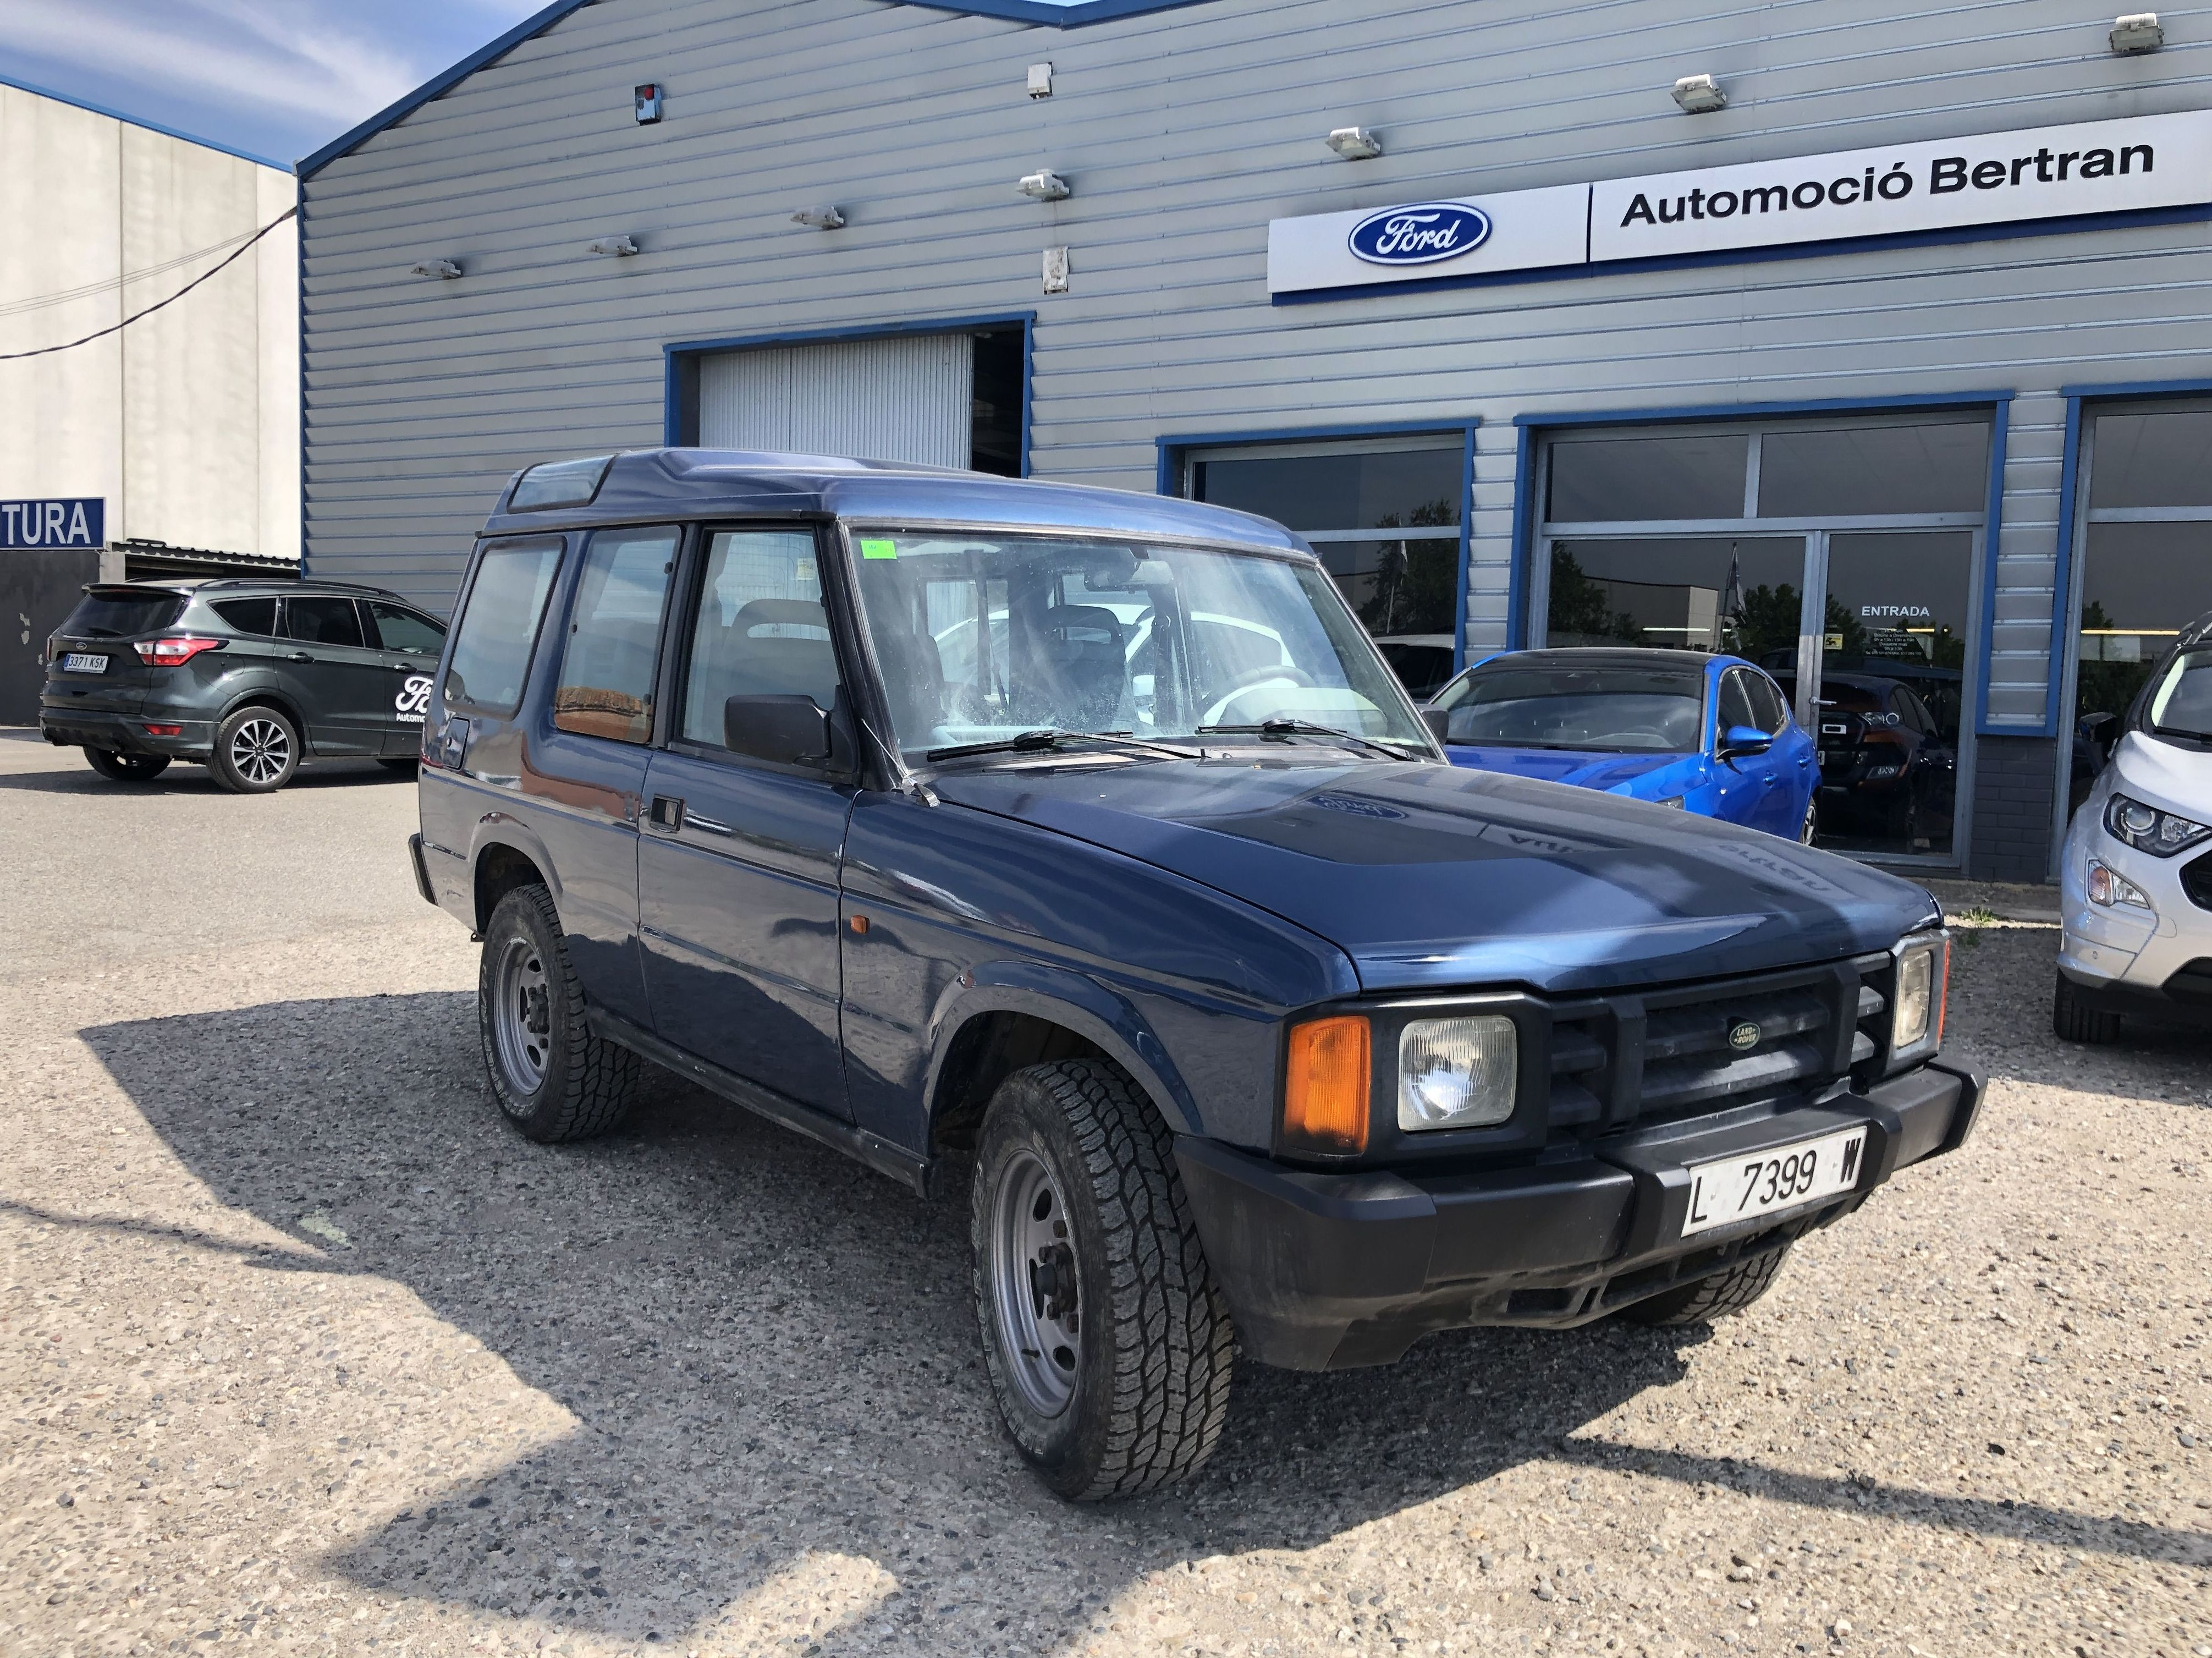 Land Rover Discovery TD200 4500€: Coches Km 0 y de ocasión de Automoció Bertran S L